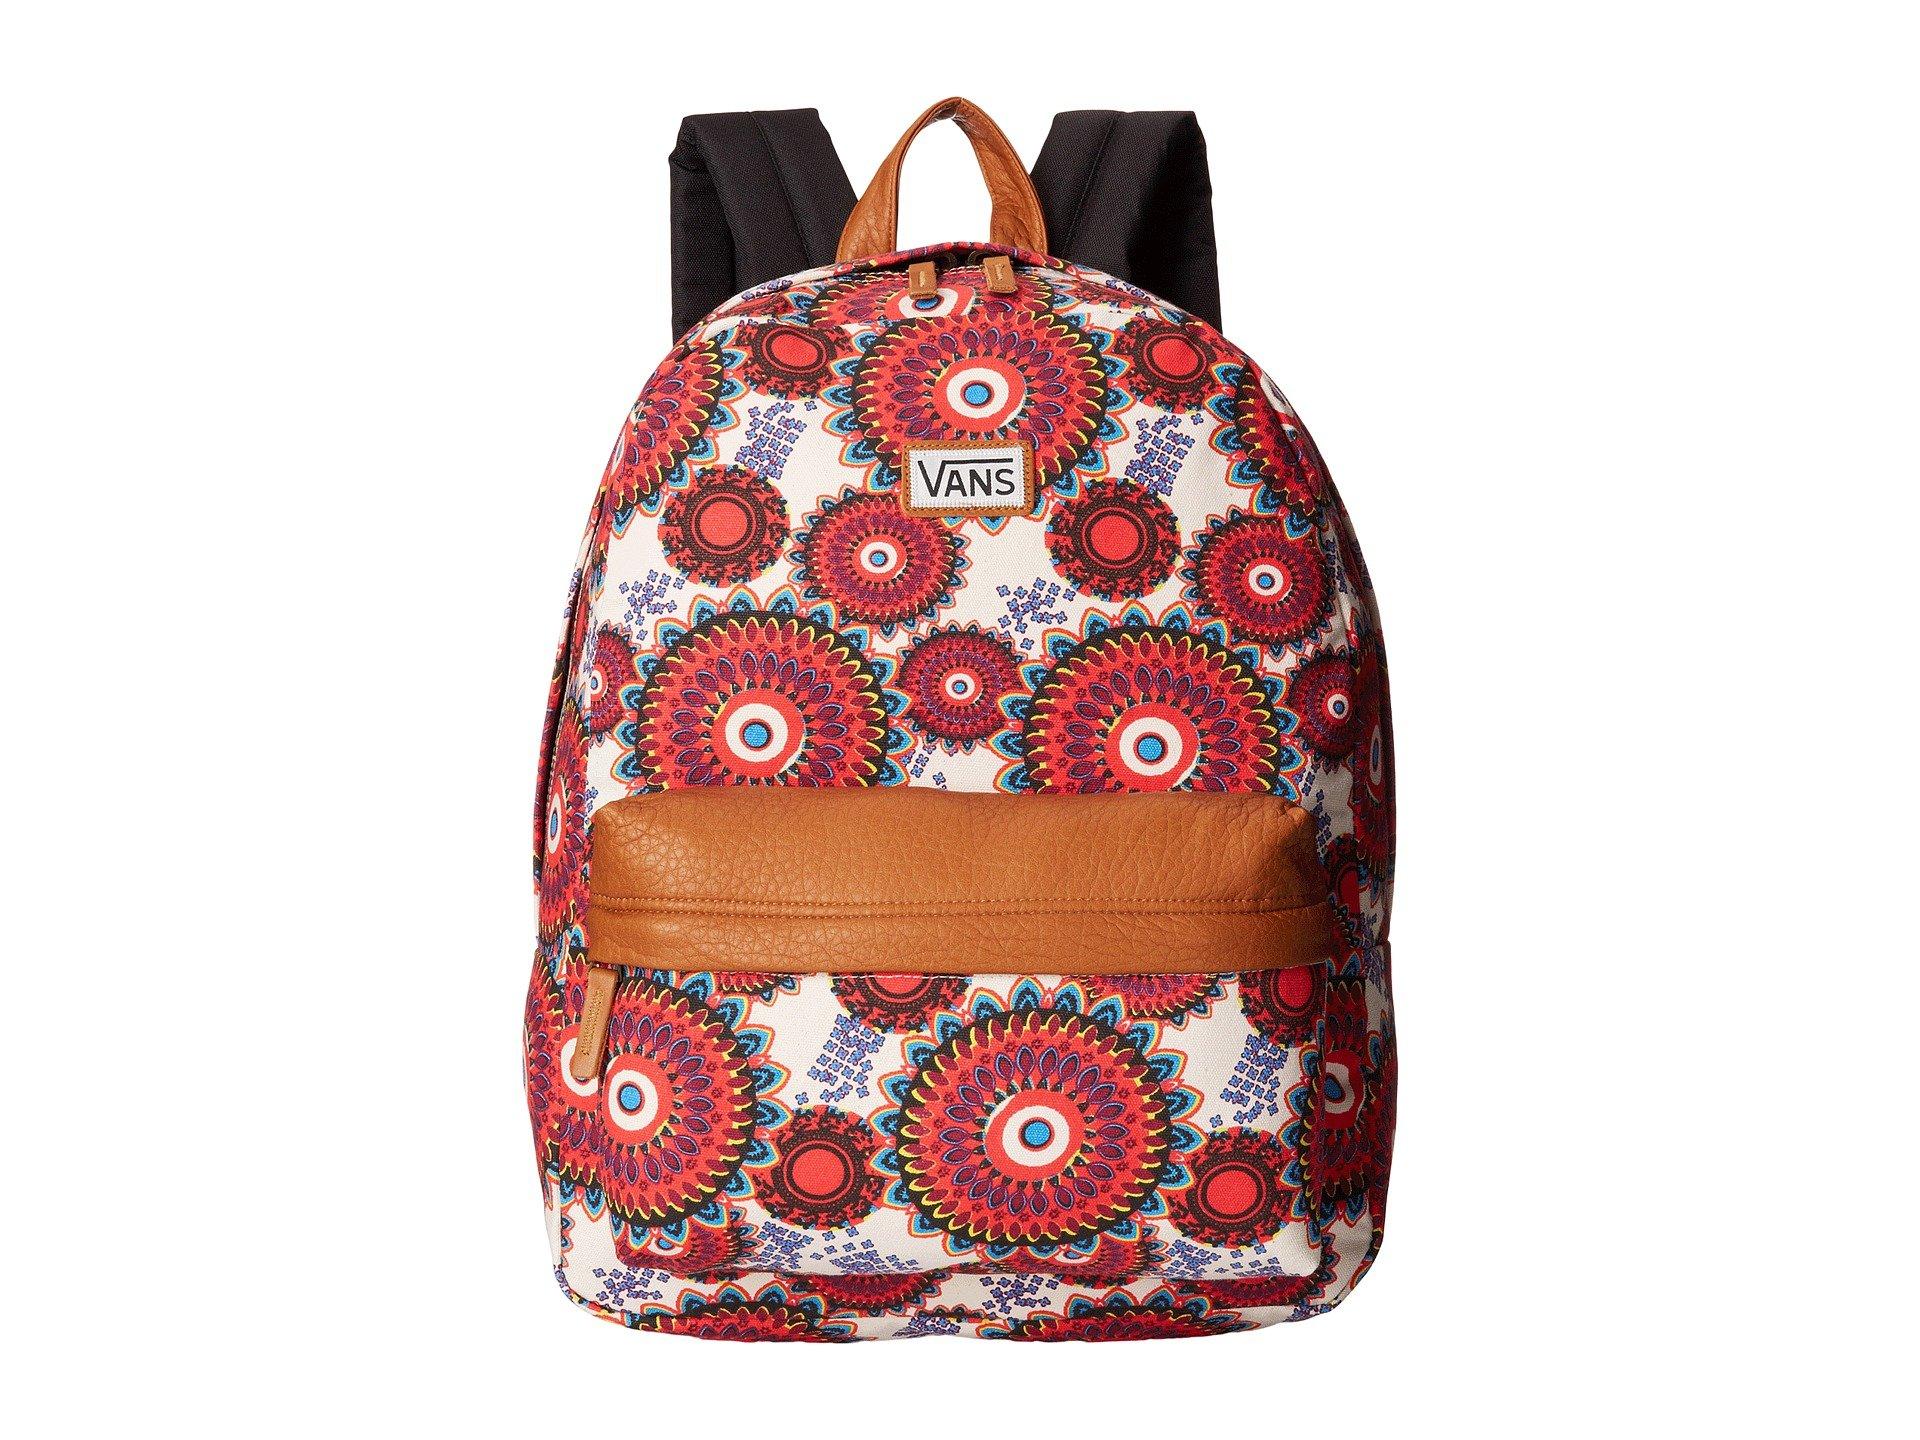 06da98e81b Vans Deana II Backpack Geo Floral - 700054560580